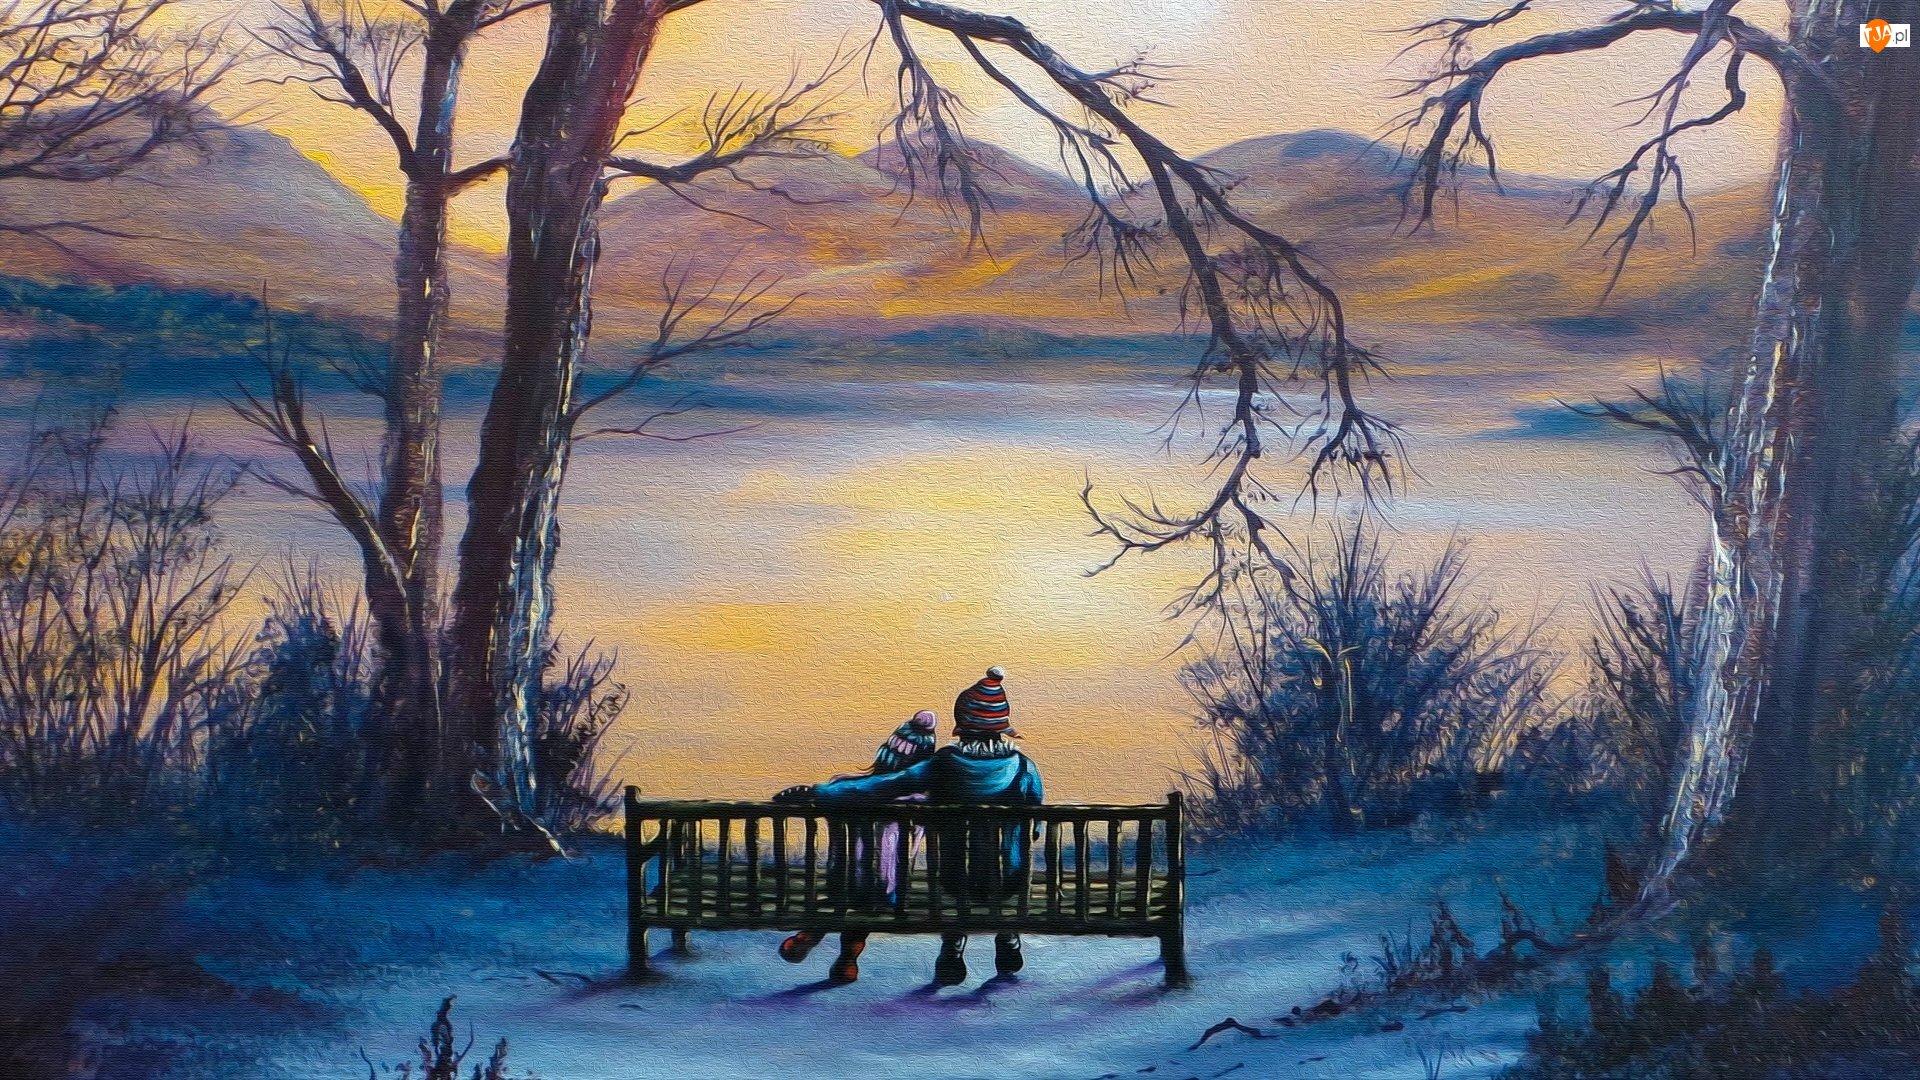 Ławka, Zima, Drzewa, Dzieci, Jezioro, Śnieg, Grafika, Góry